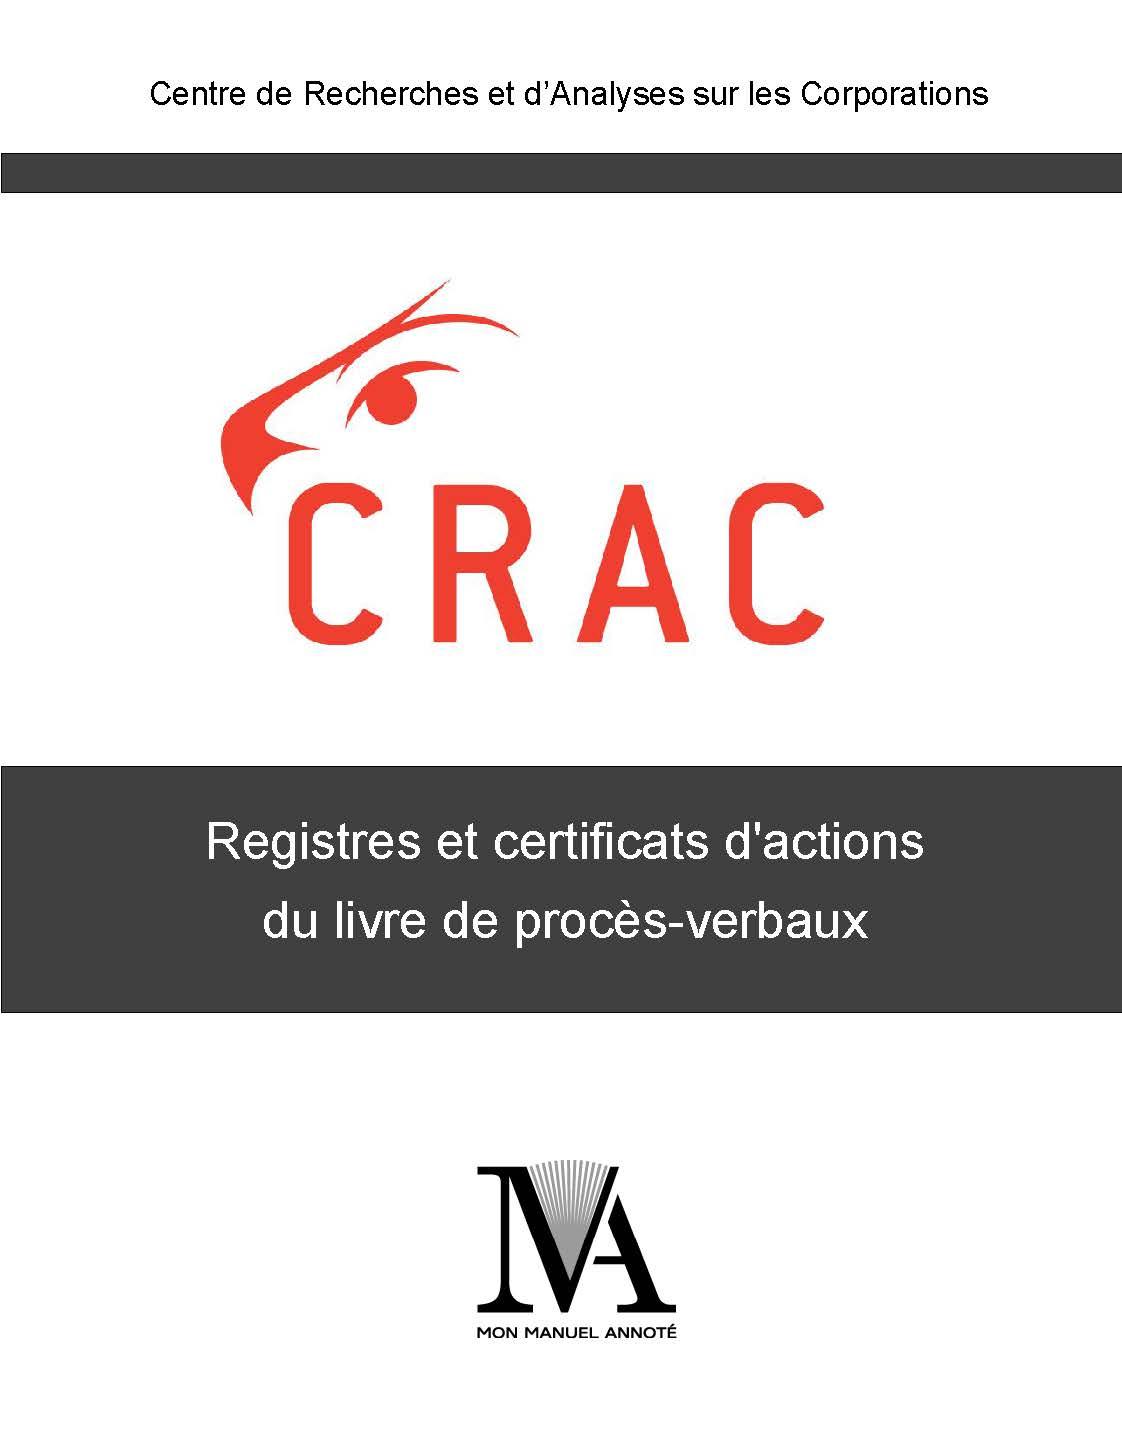 CRAC - Registres et certificats d'actions du livre de procès-verbaux